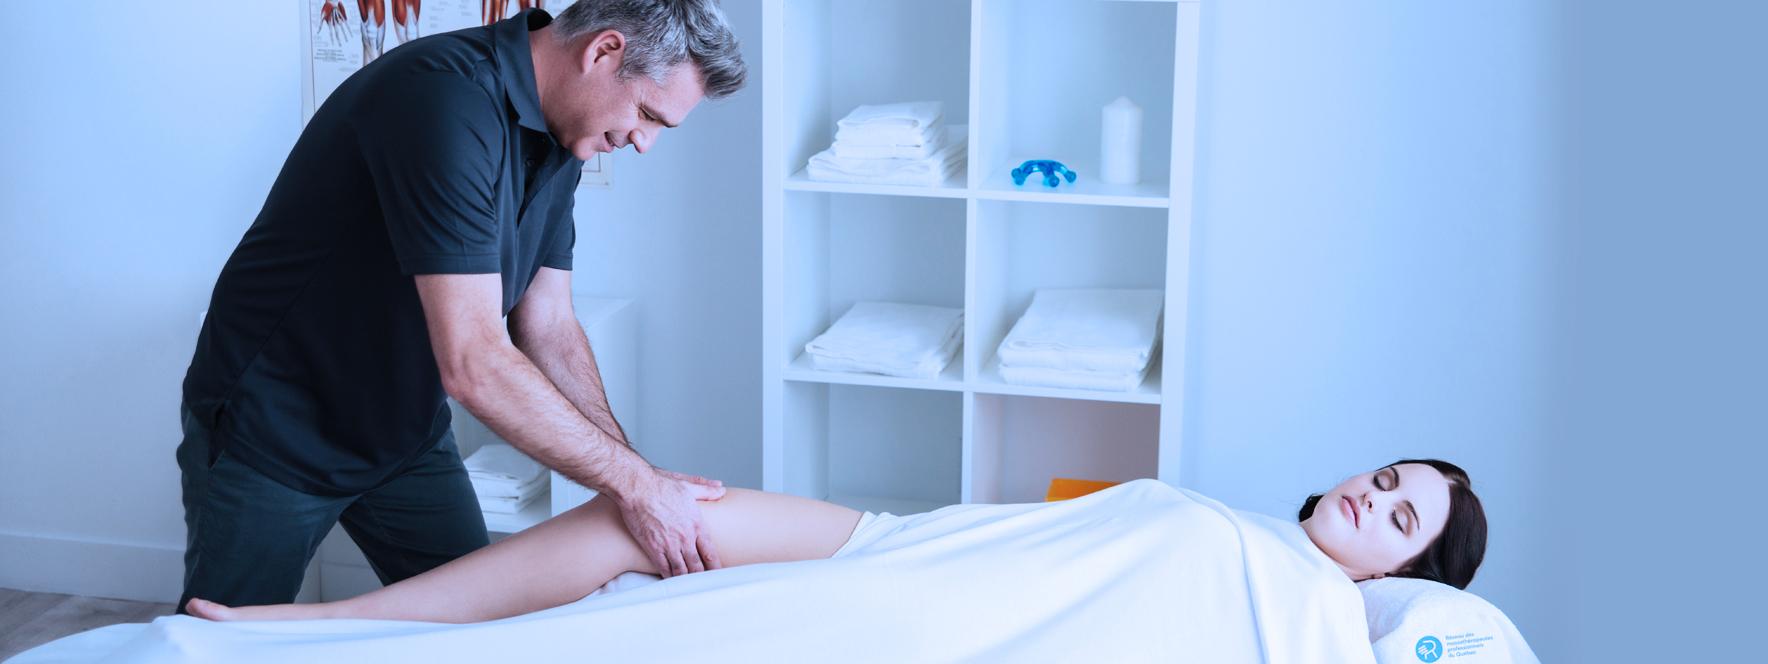 Comment éviter les blessures quand on est massothérapeute - Blogue du Réseau